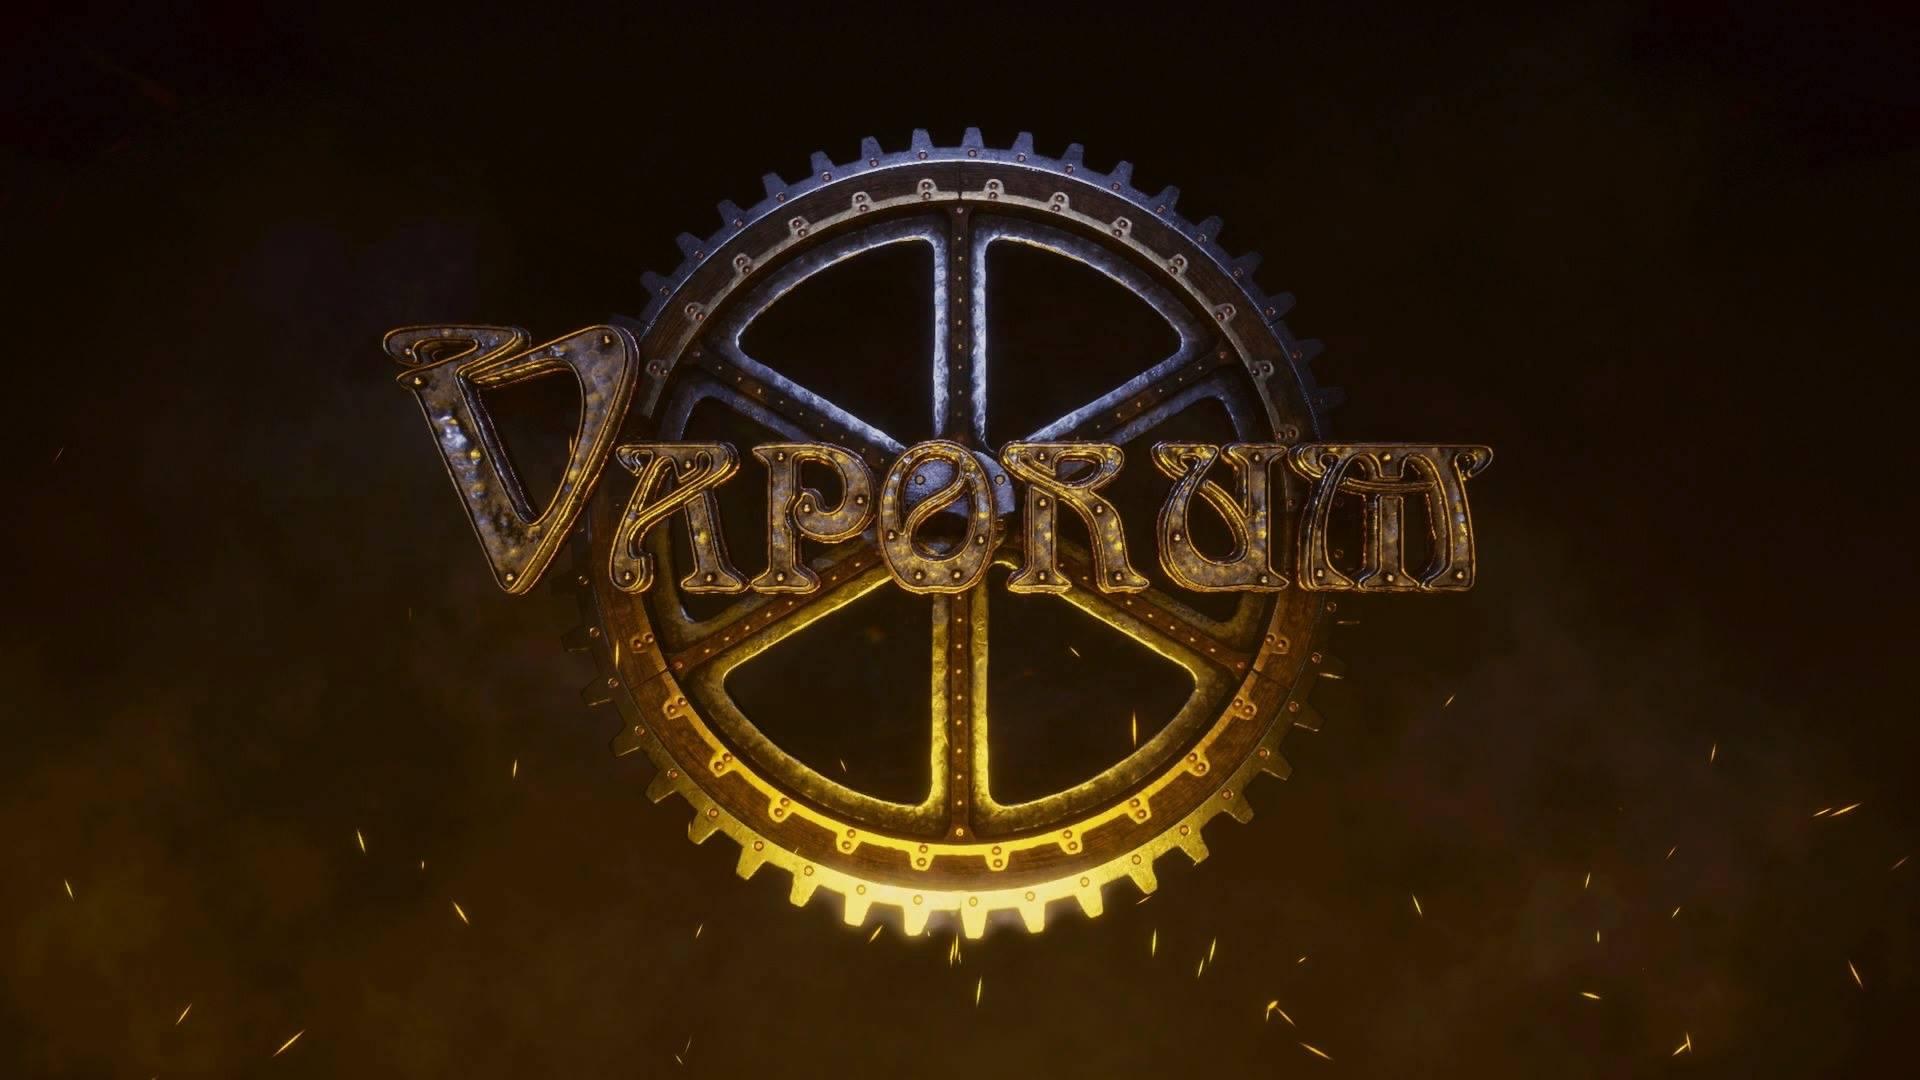 Review - Vaporum